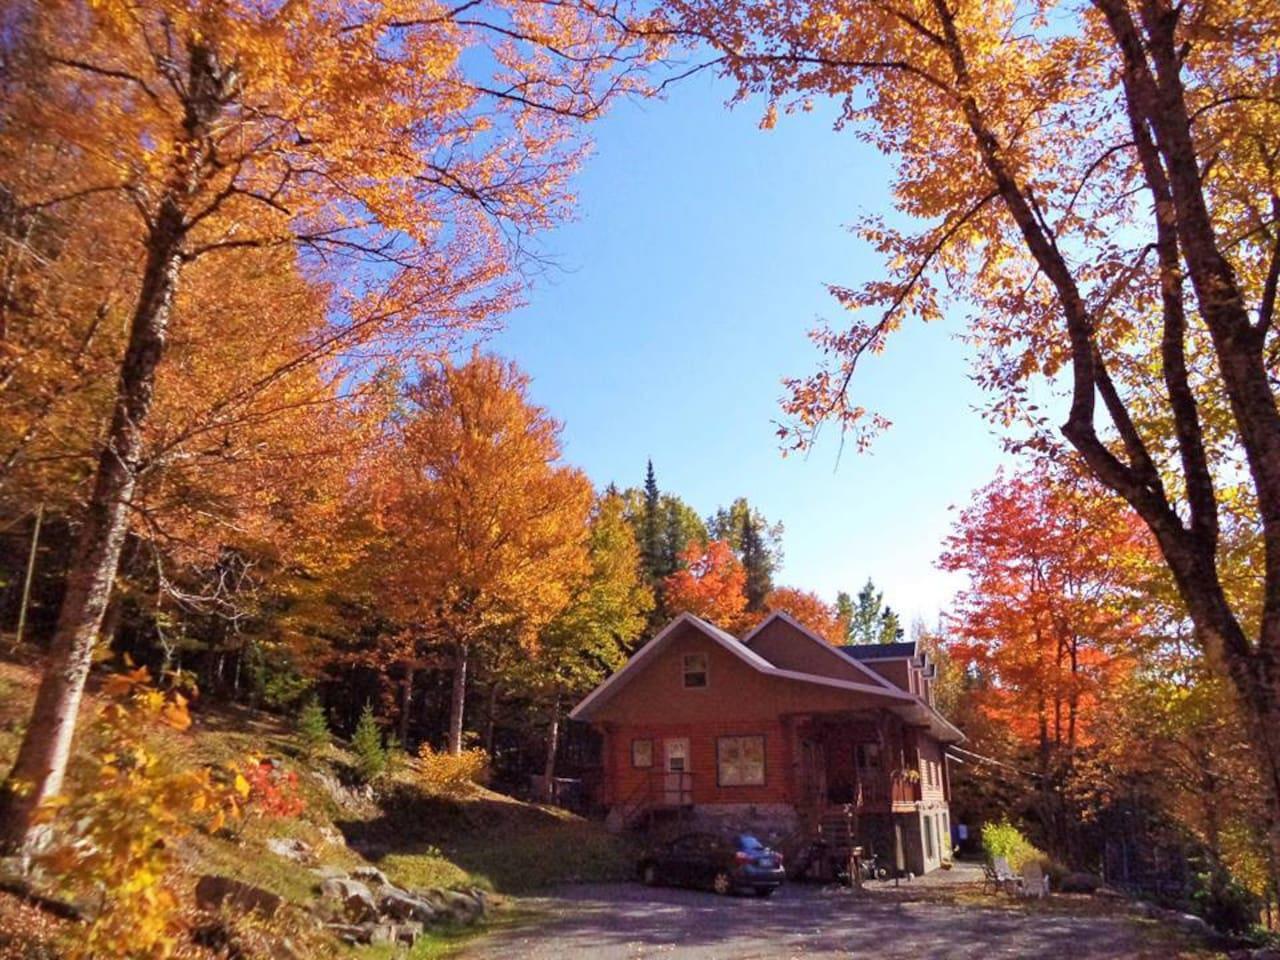 Les couleurs d'automne.